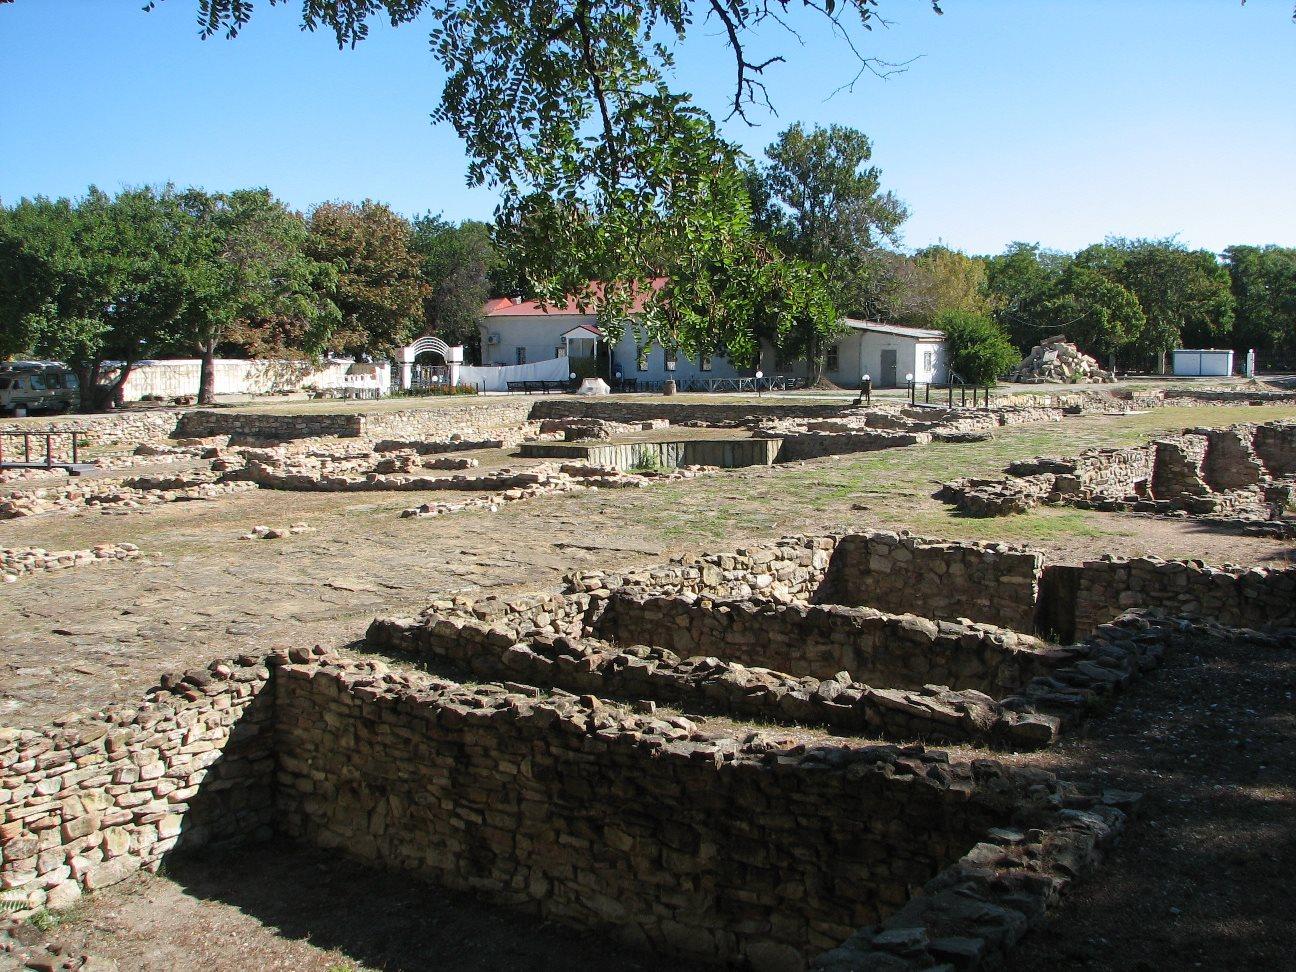 В Краснодарском крае обнаружили древнюю дорогу IV-II веков. дон.э.